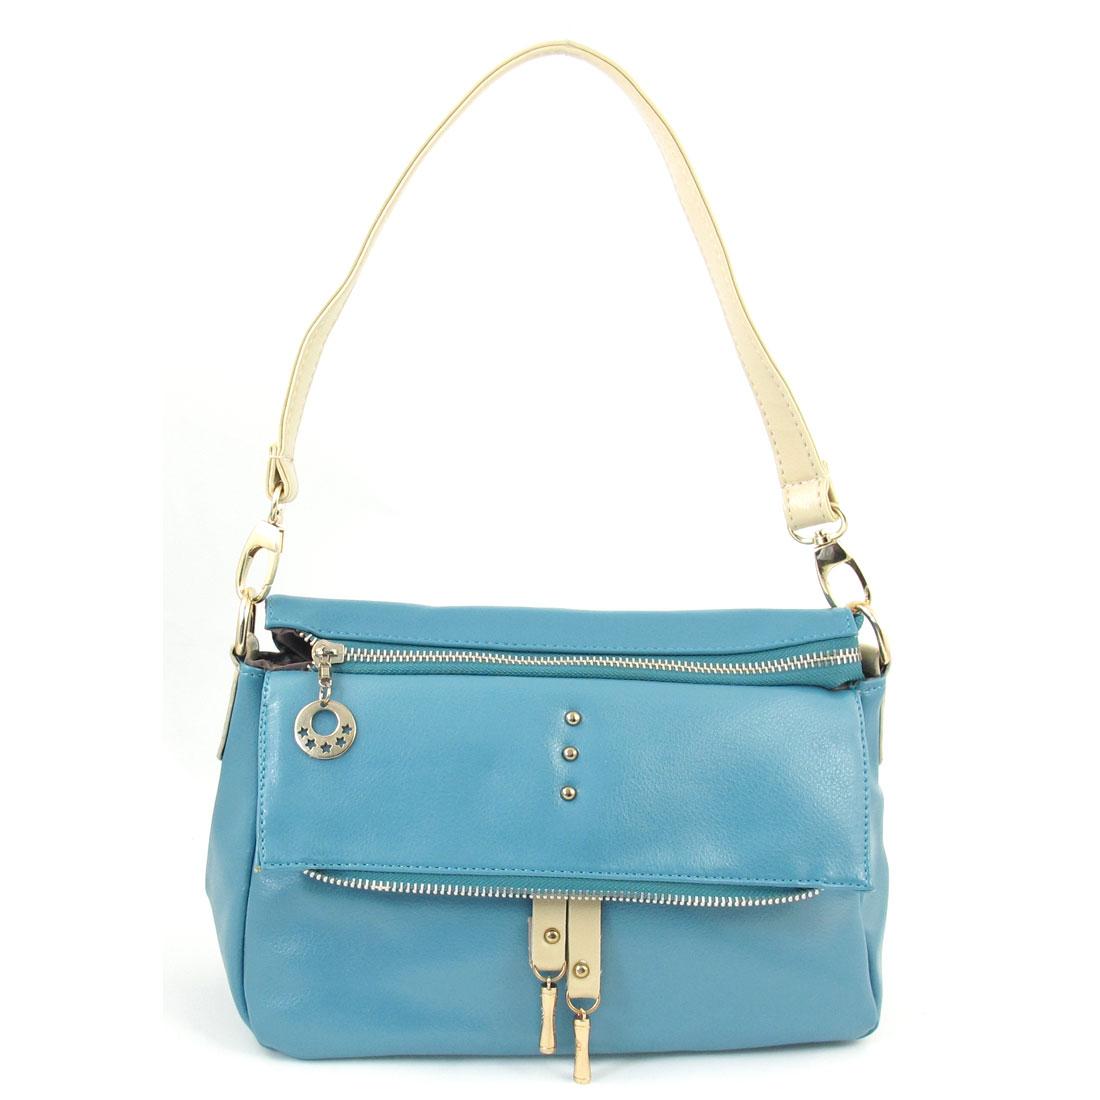 Teal Faux Leather Zipper Closure Handbag Shoulder Bag for Lady